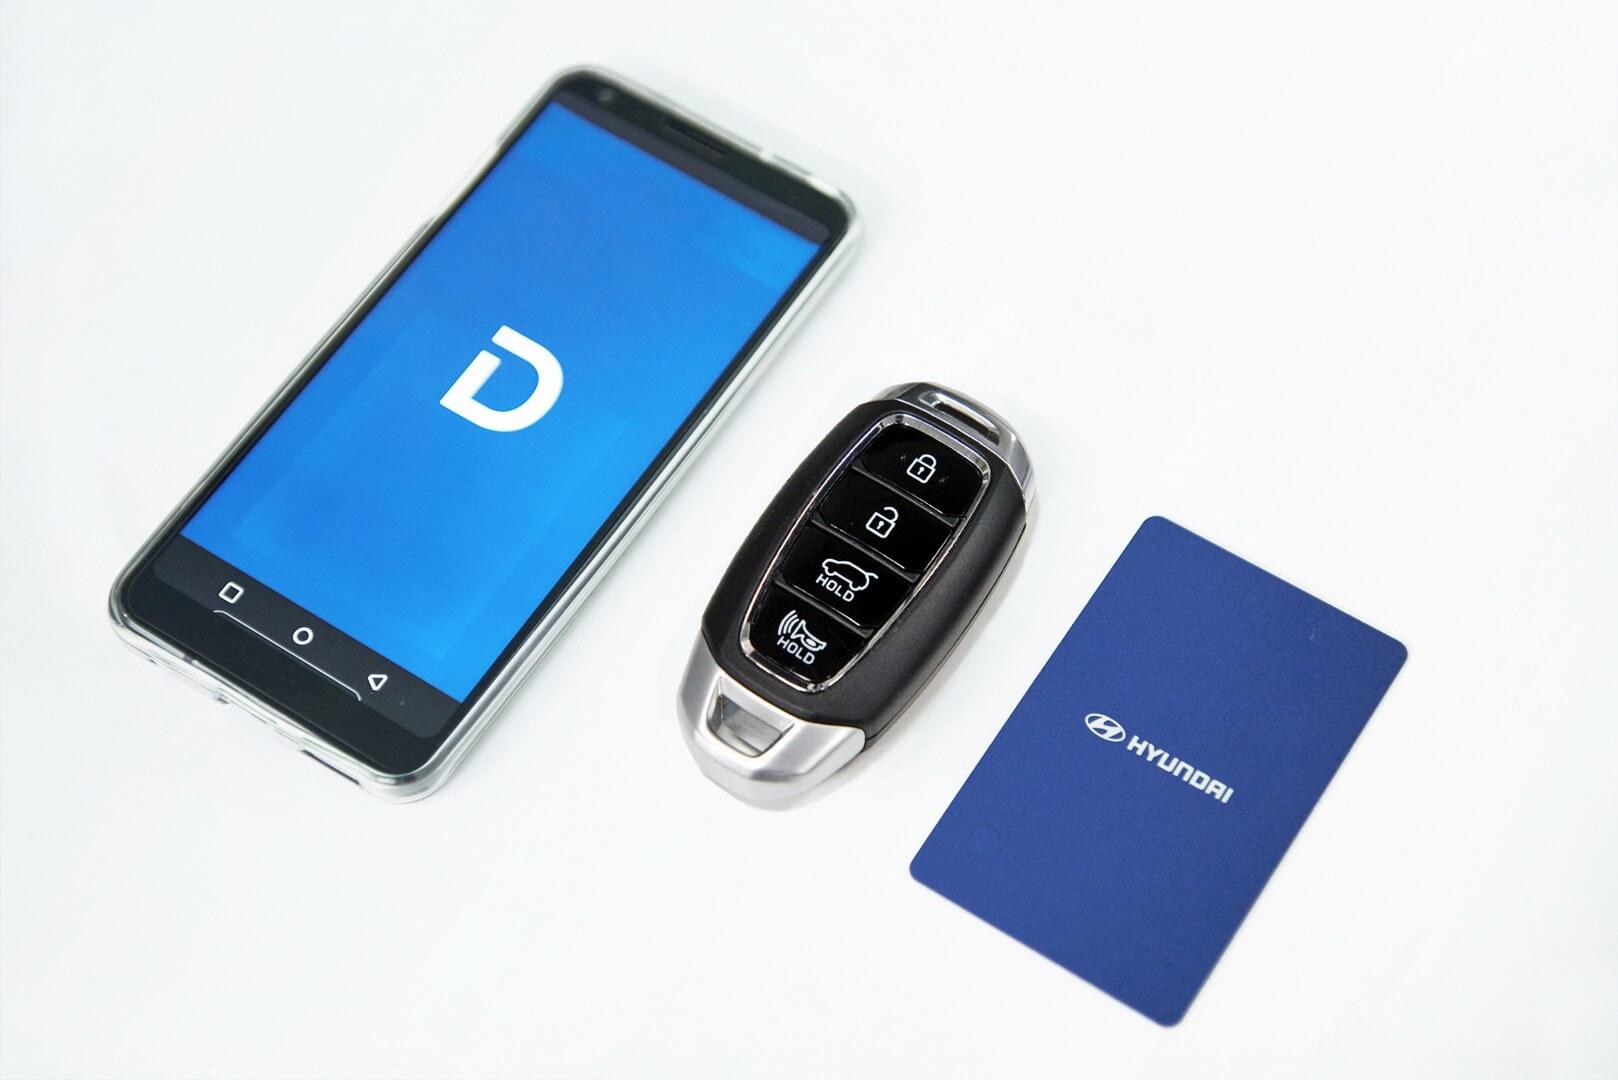 Hyundai разрабатывает цифровой ключ набазе приложения для смартфона